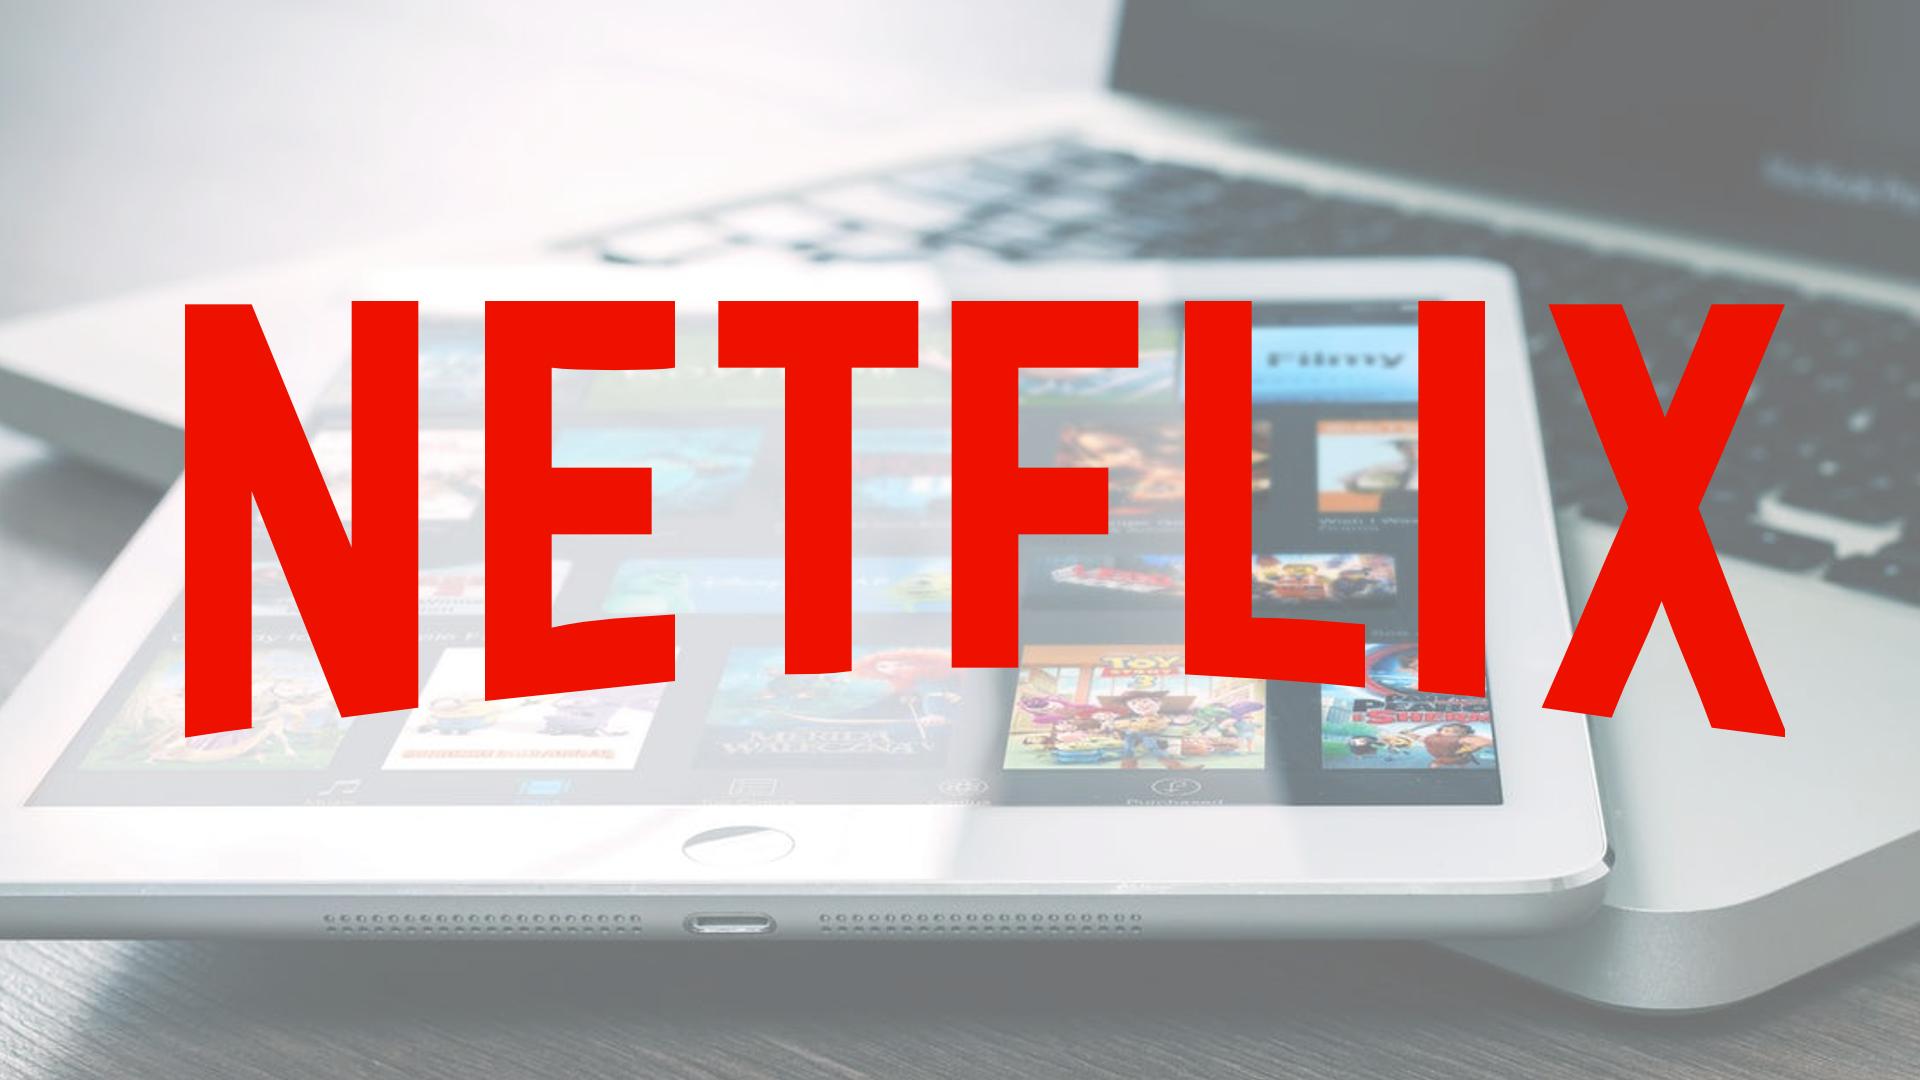 Mit diesen geheimen NetflixCodes entdeckt ihr versteckte